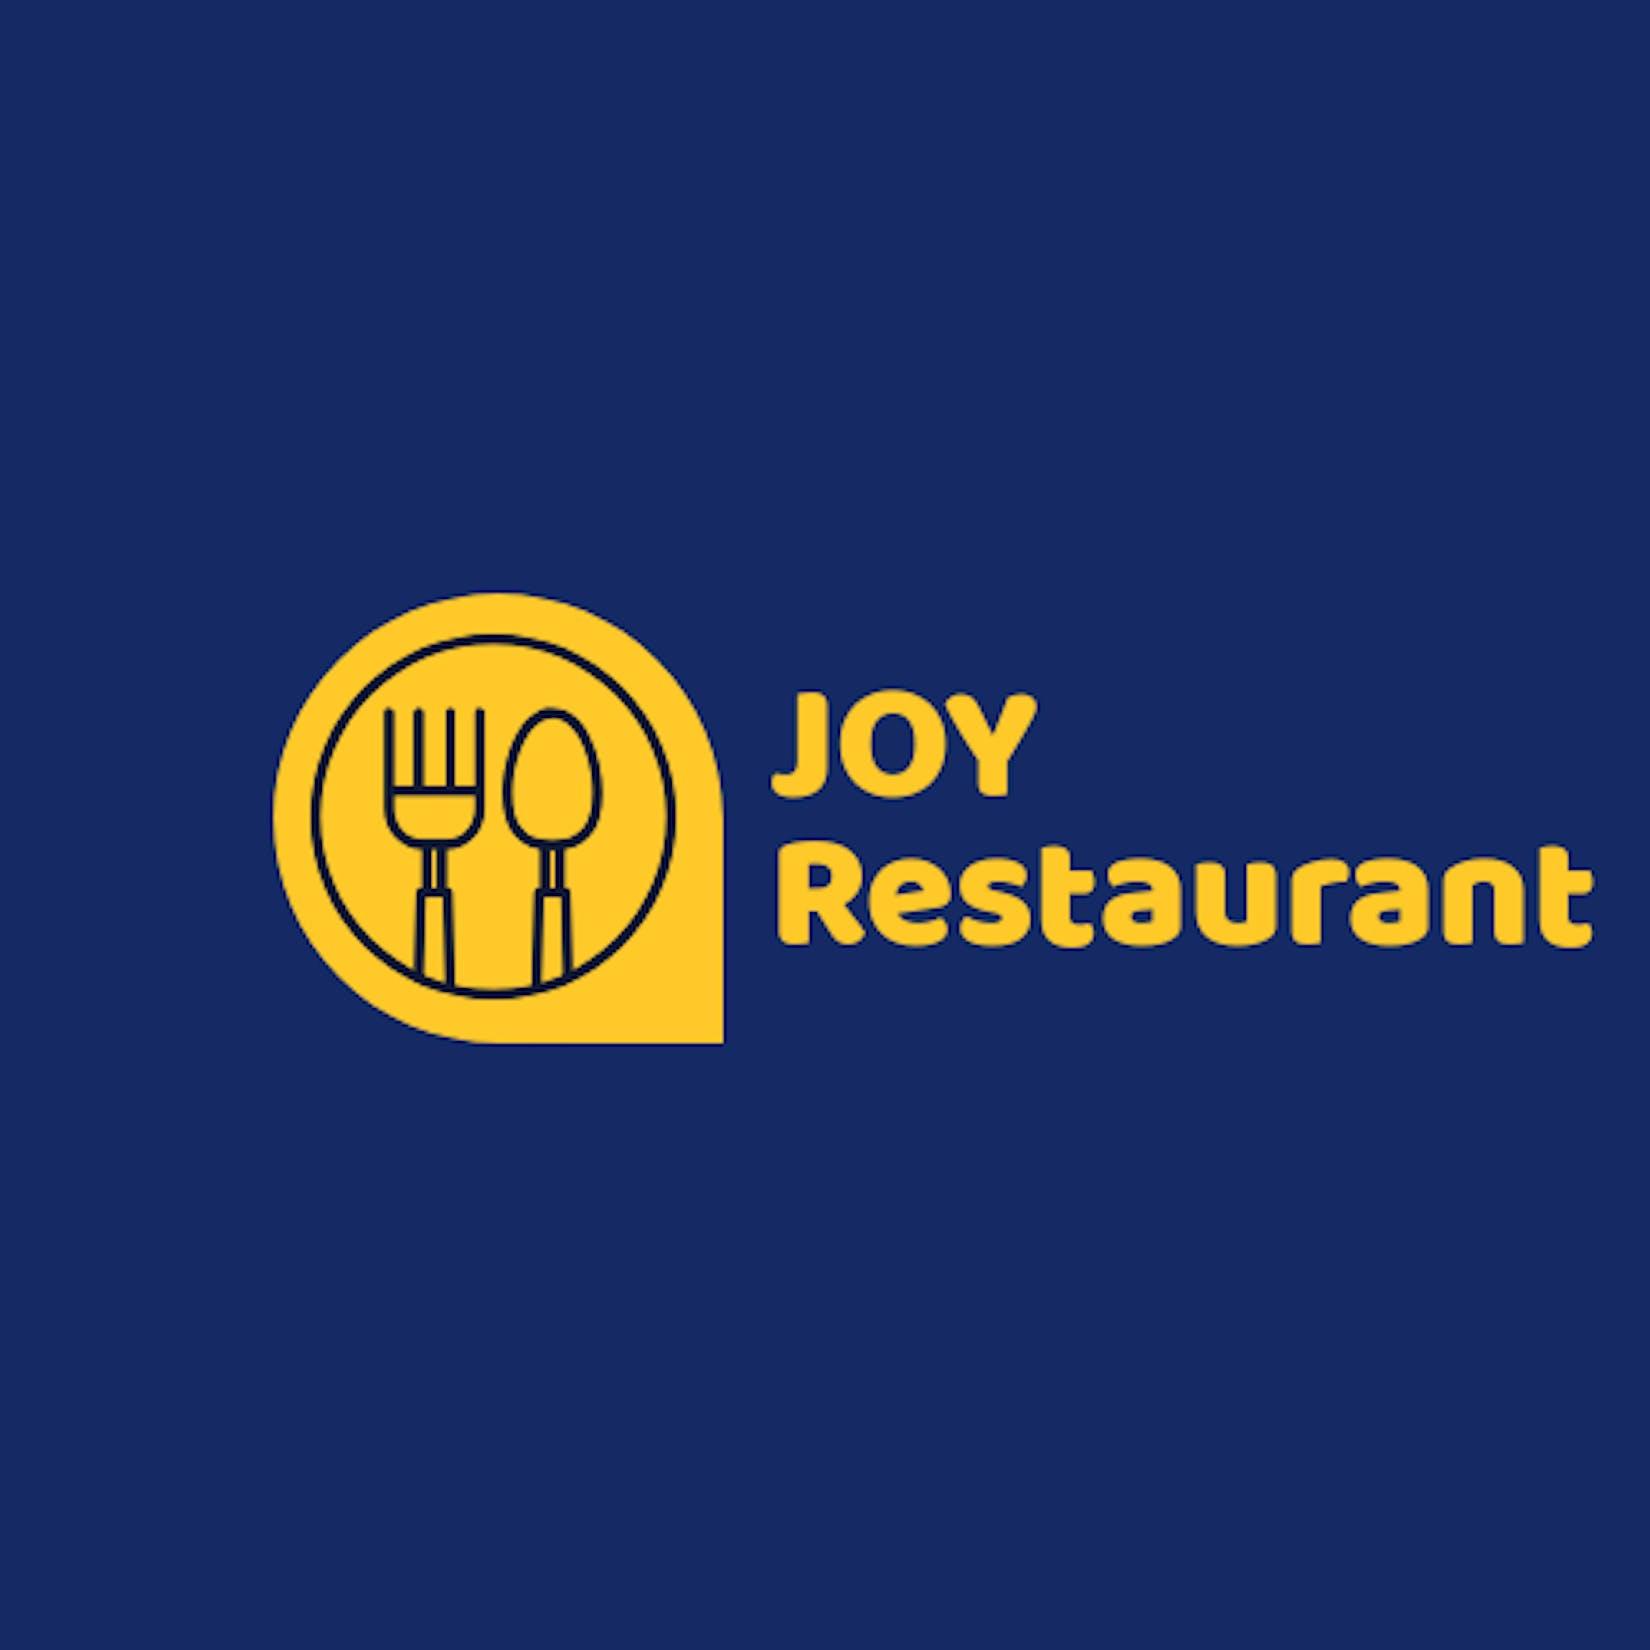 JOY restaurant | yathar